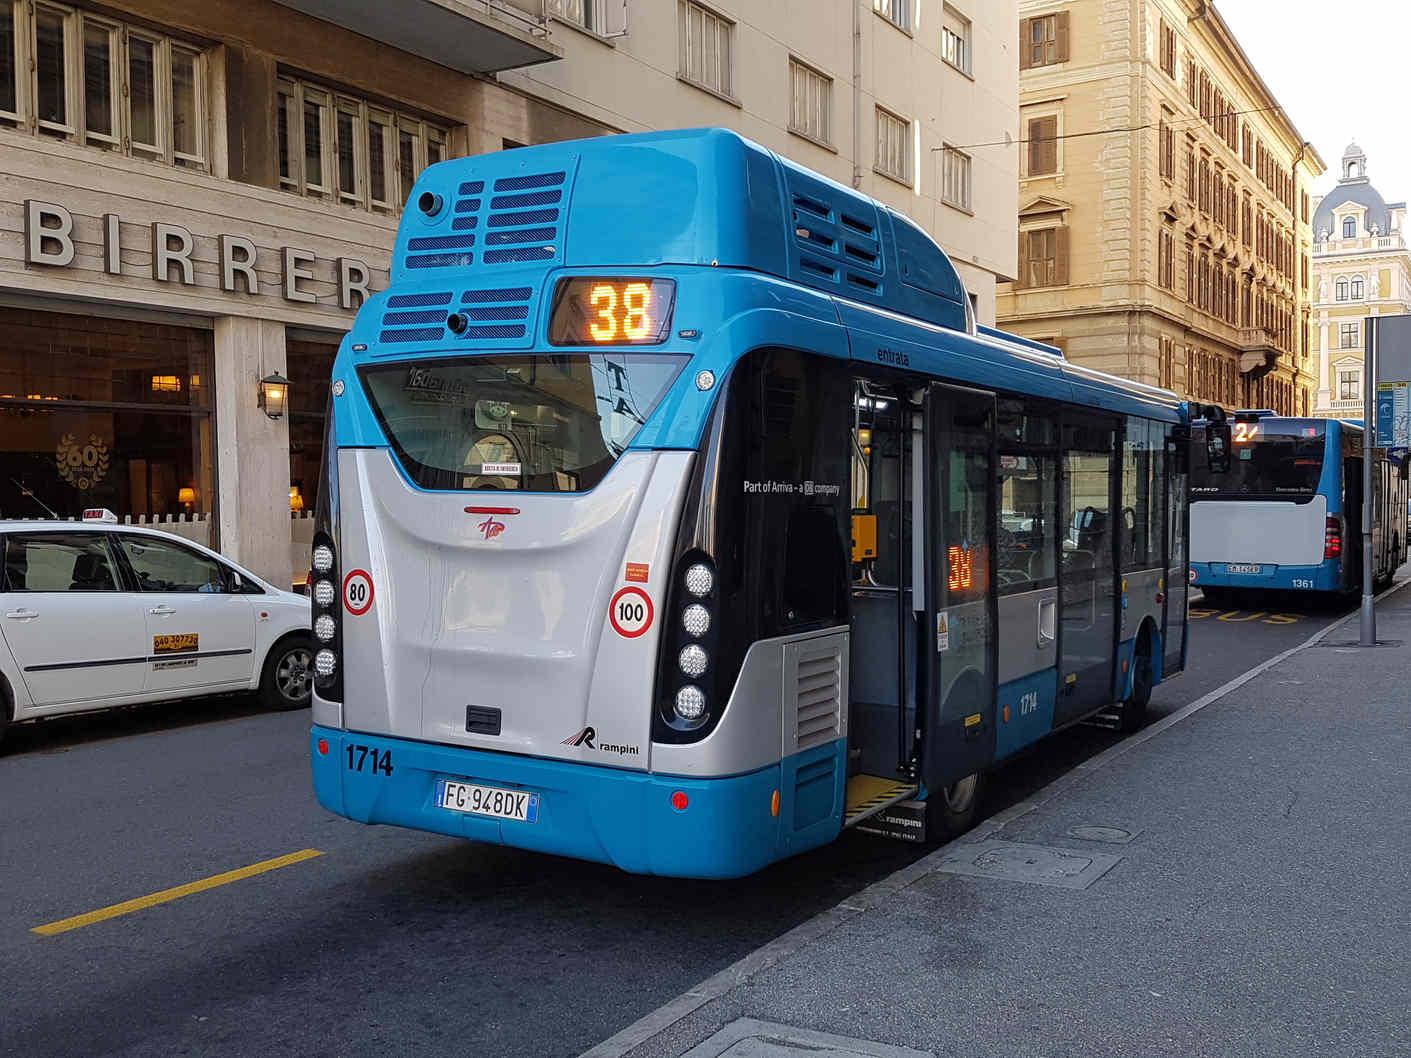 autobus 8 trieste orario - photo#8